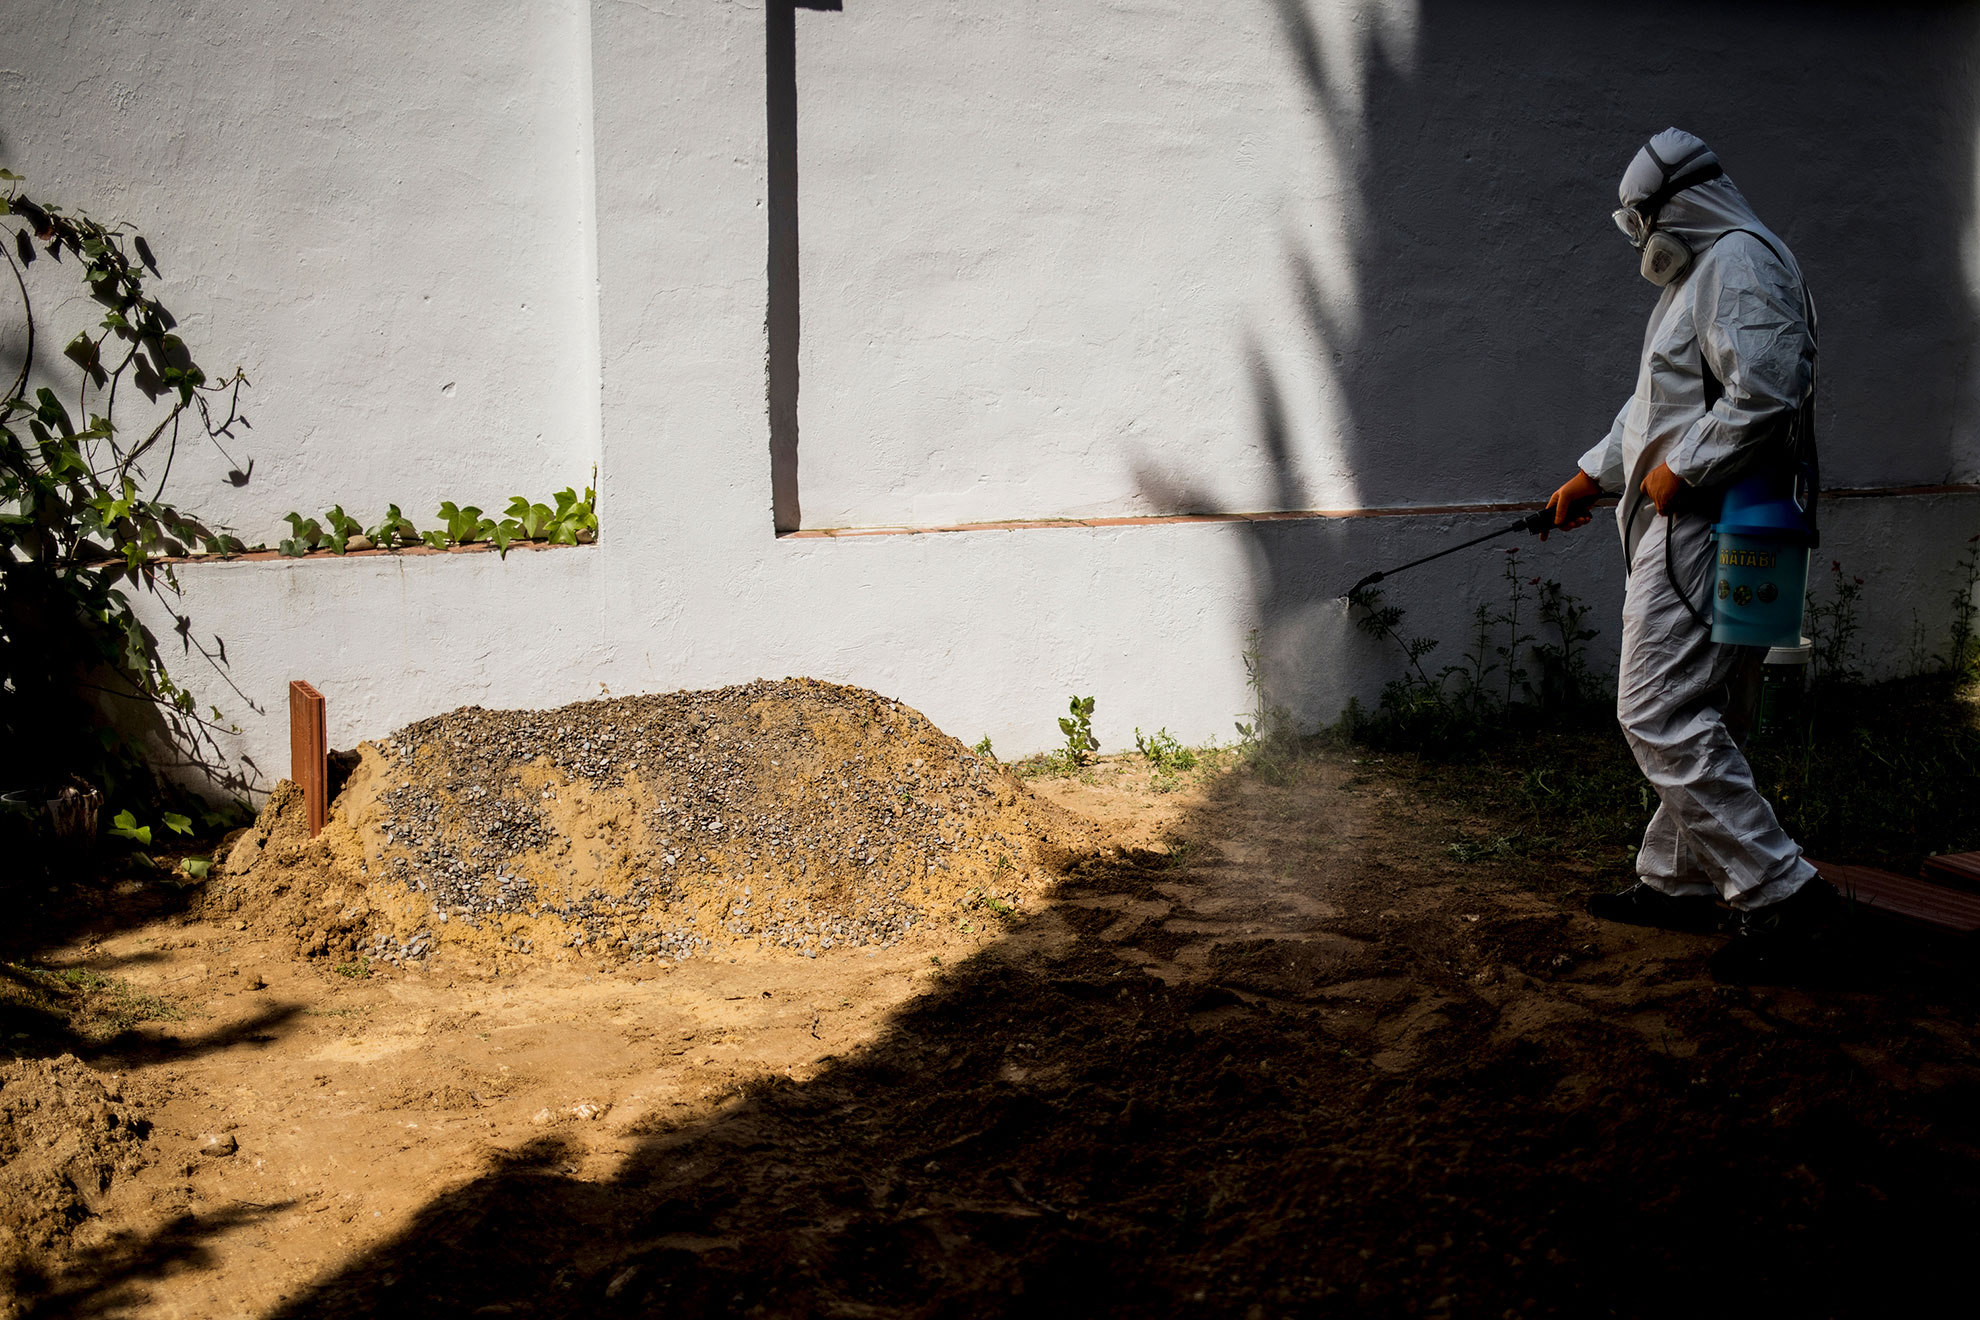 Un operario desinfecta la tumba recién enterrada de una persona fallecida a causa de complicaciones por la infección del virus COVID-19. Jerez, 4 de abril, 2020.